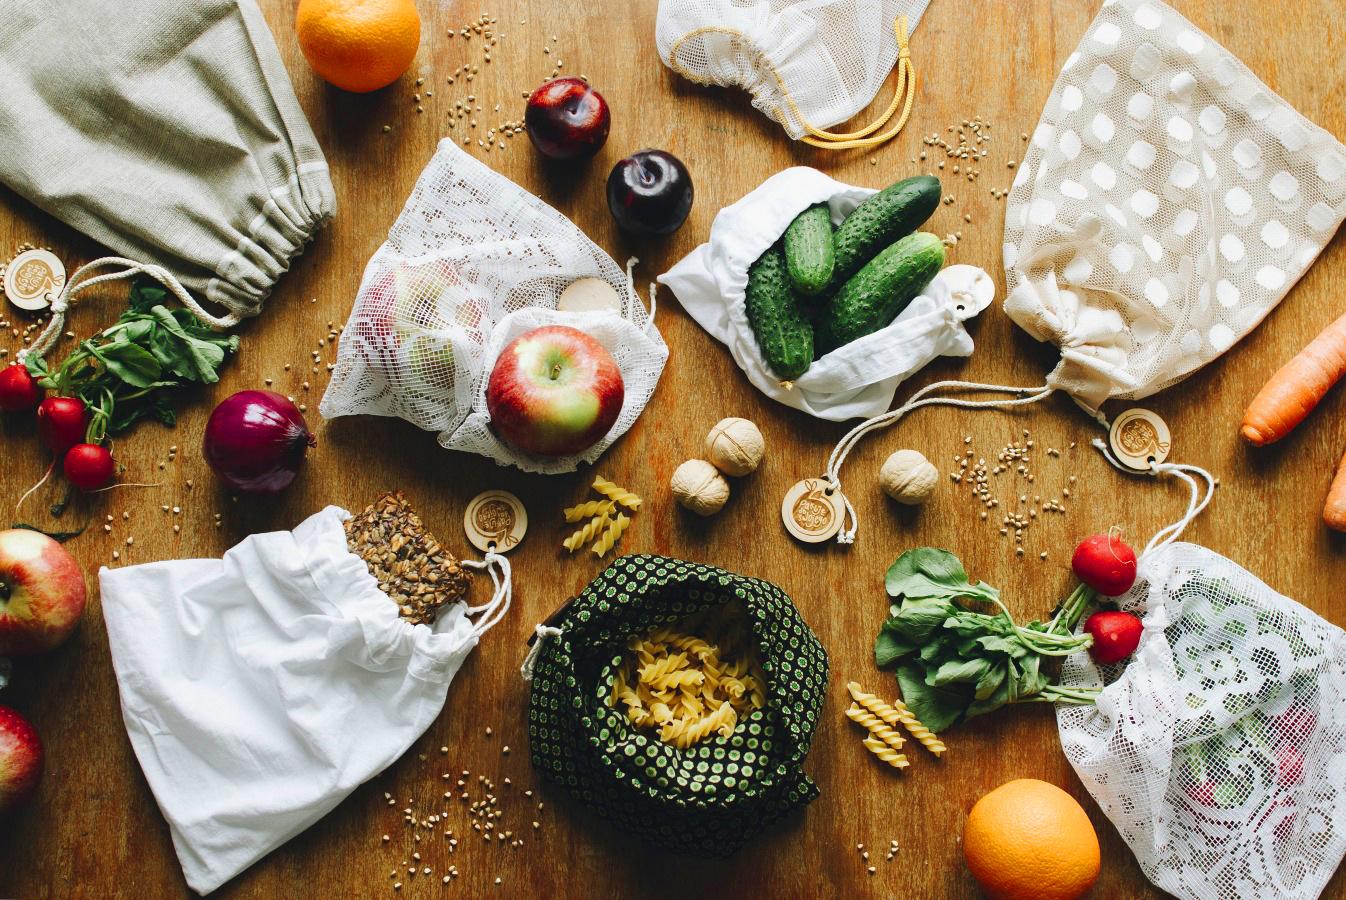 Zakupy w woreczkach wielorazowych, jabłka, ogórki, makaron, pieczywo.